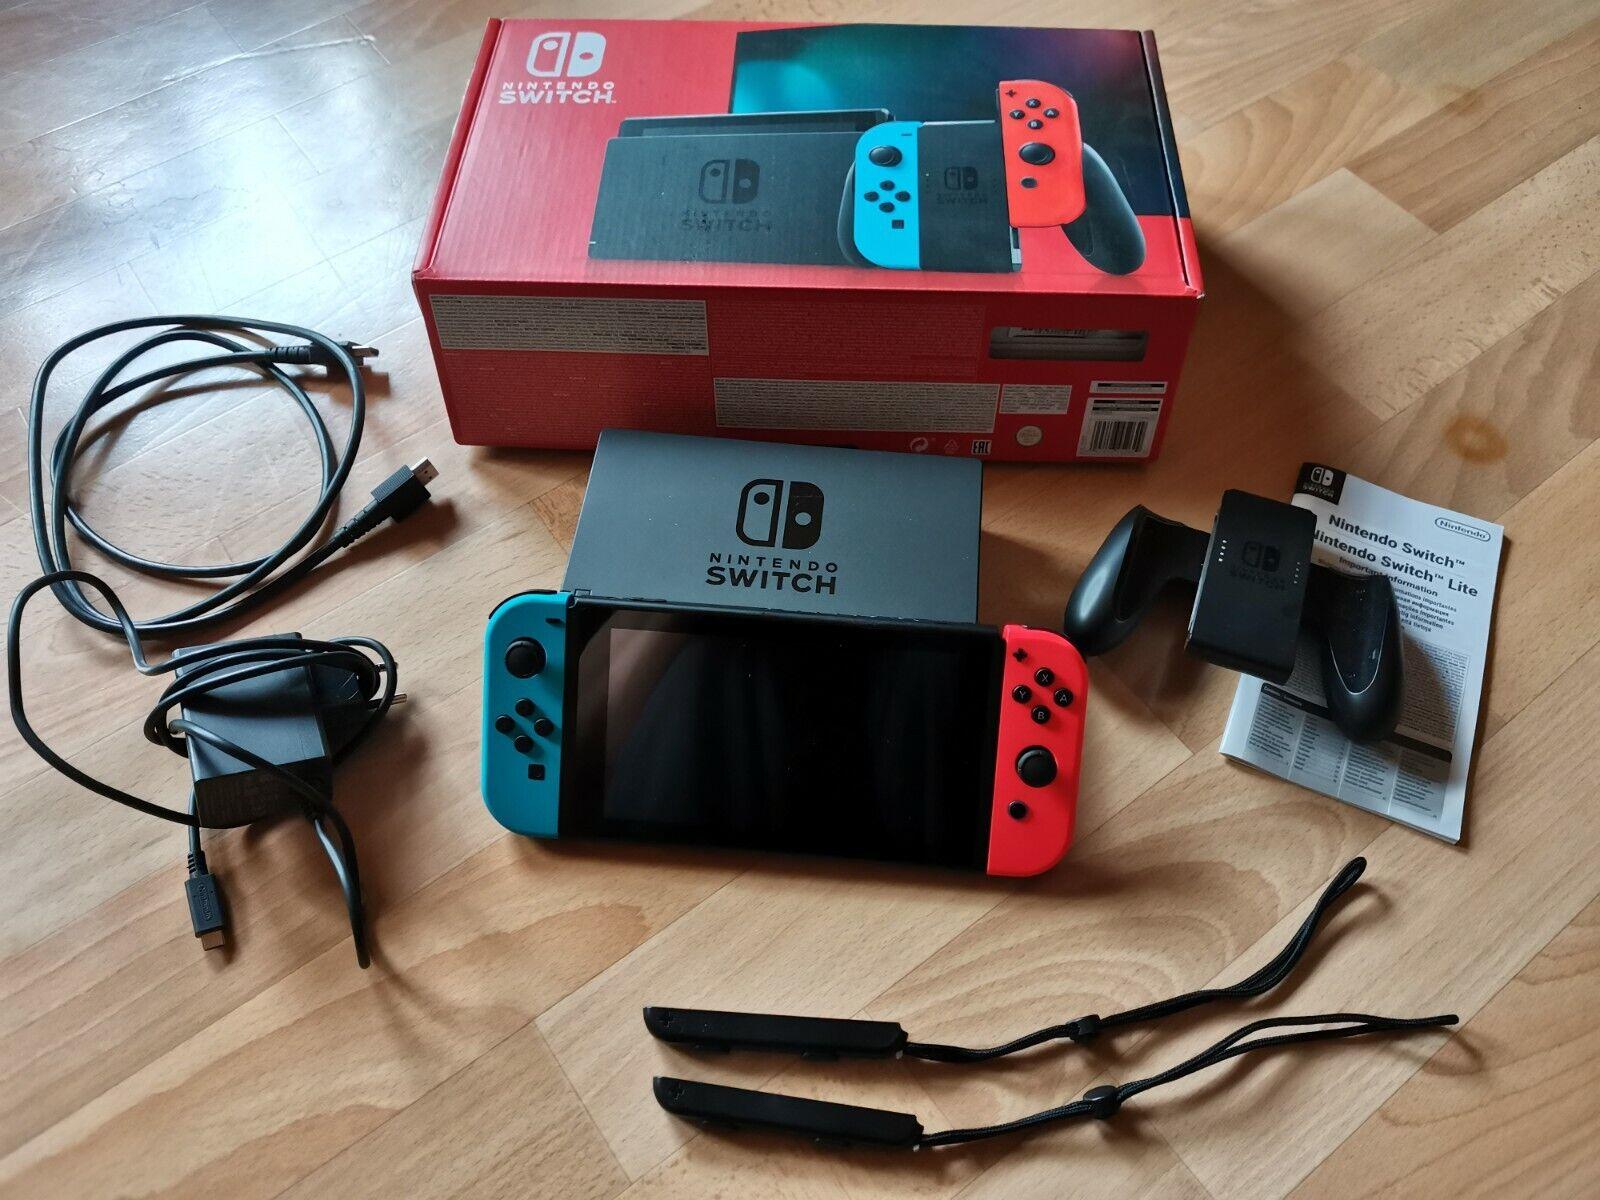 Nintendo Switch SpielekonsoleNeon-Rot/Neon-Blau (2019 Edition)